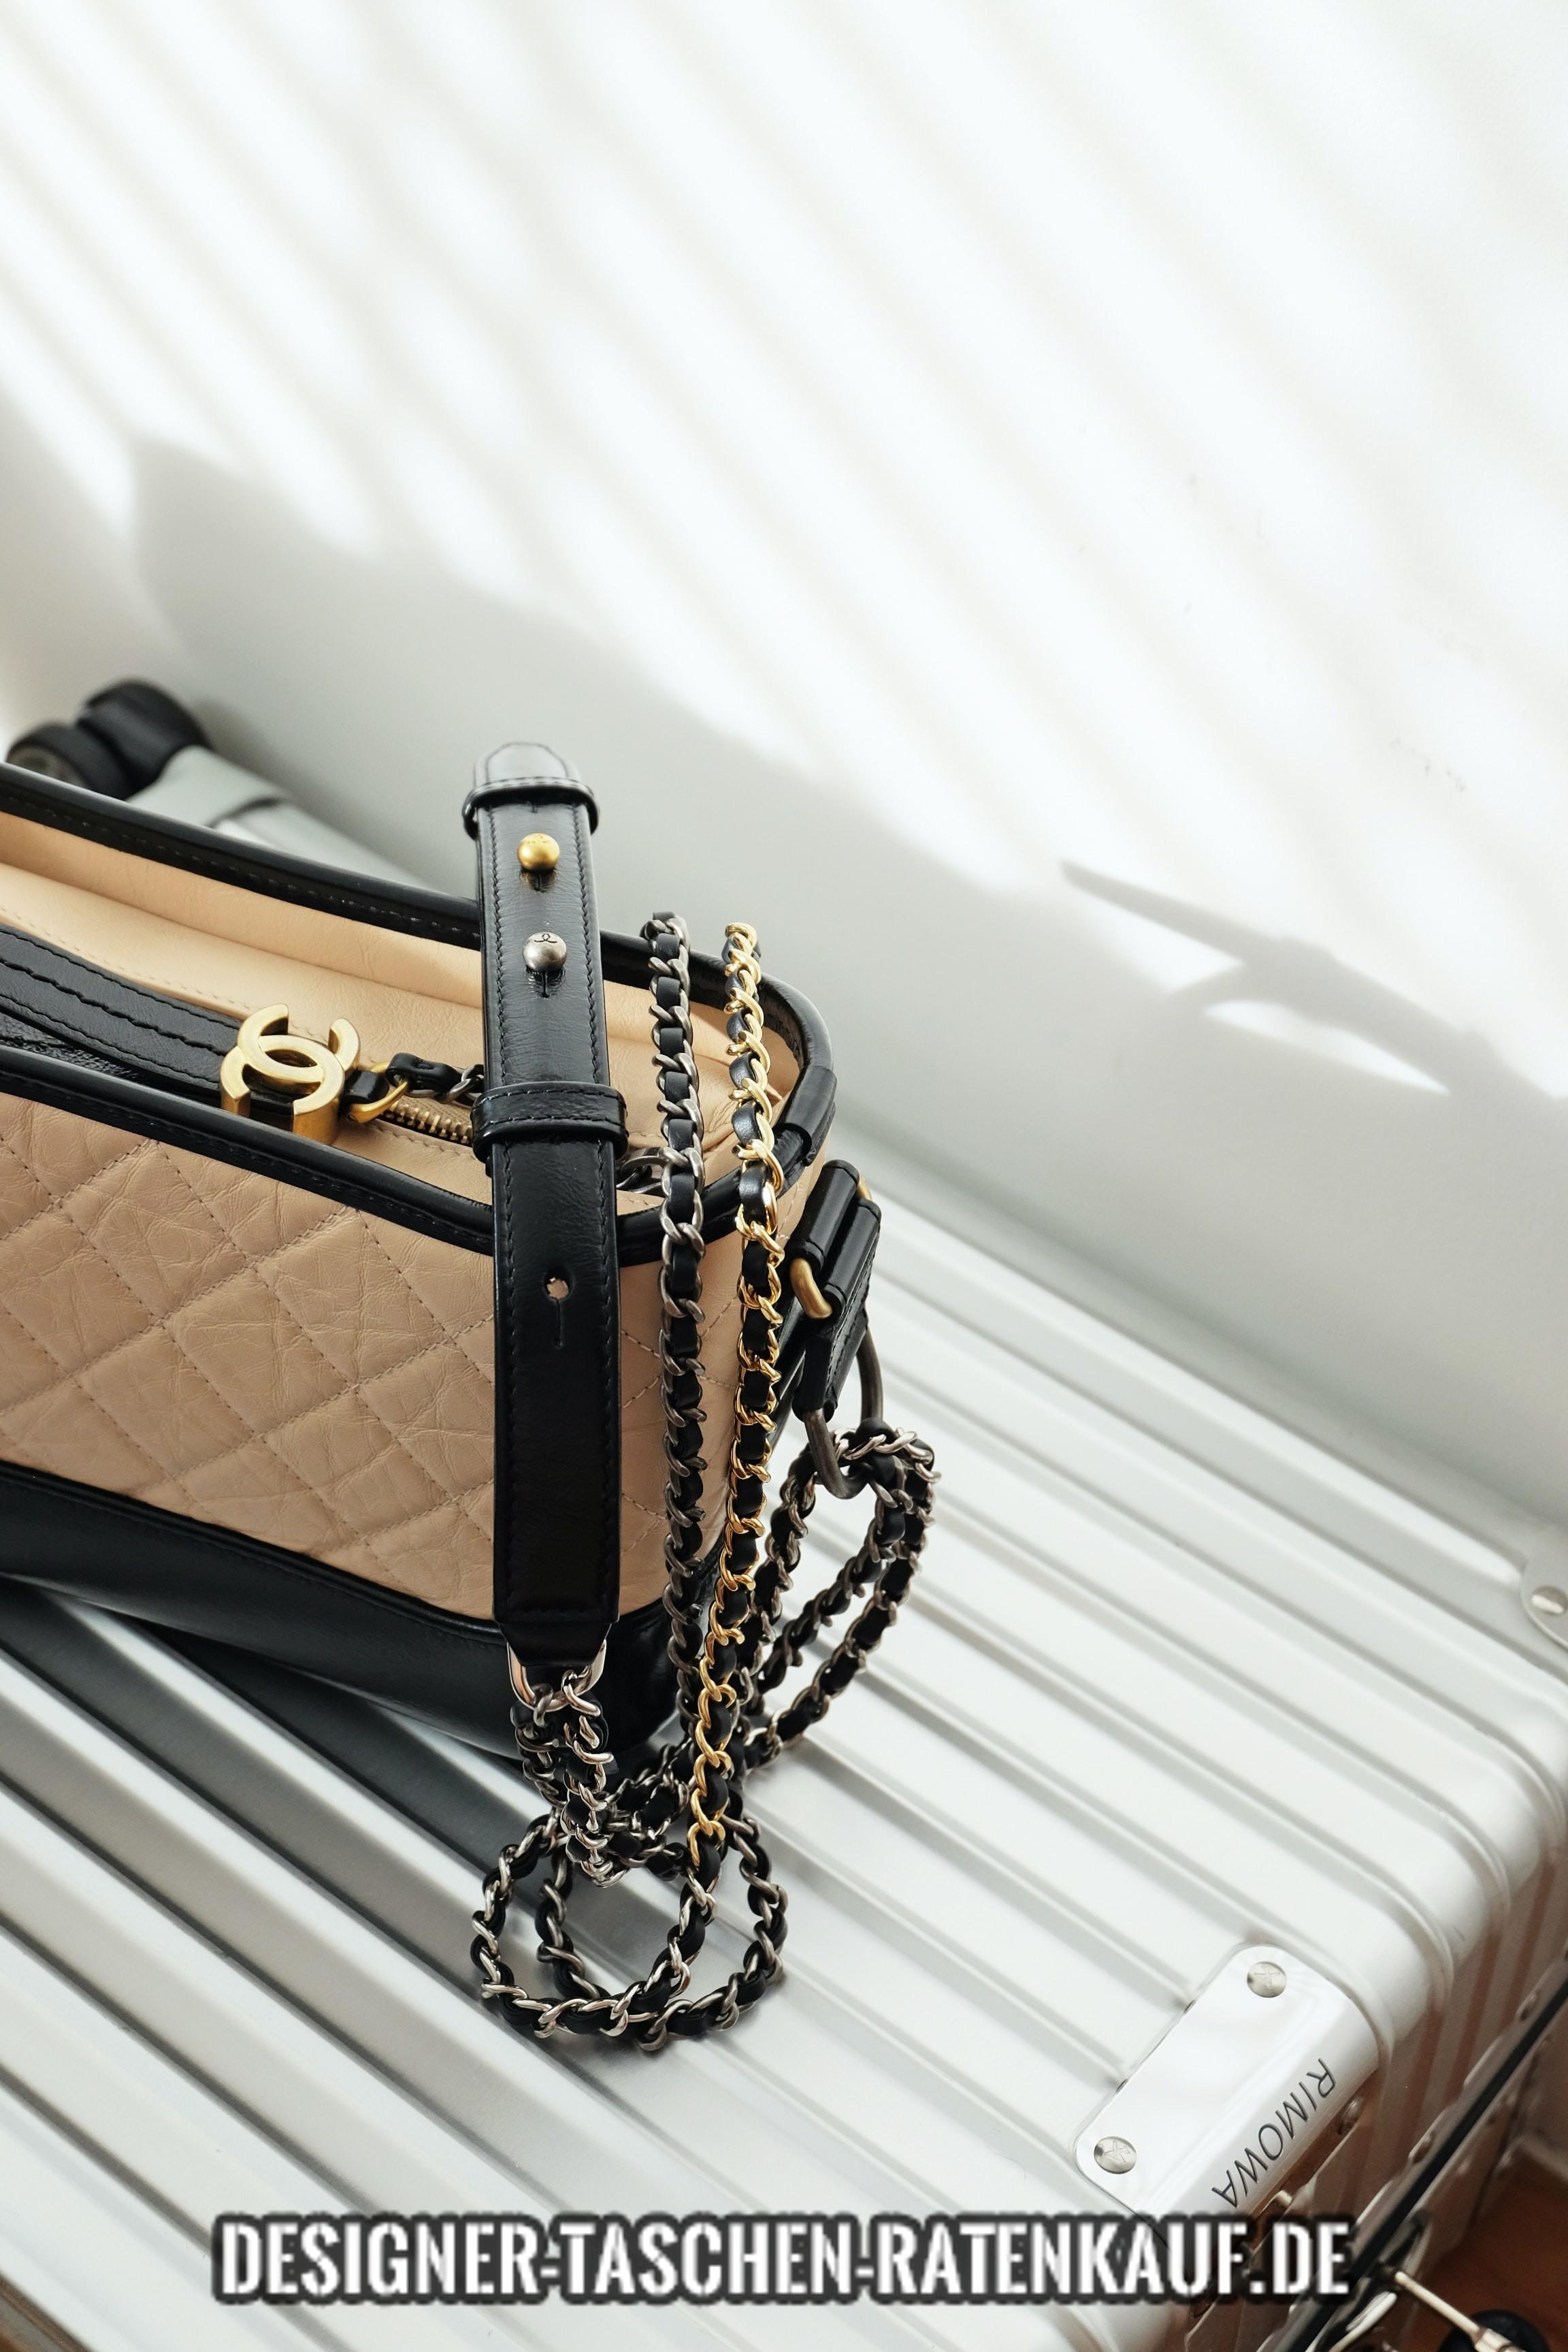 Designer Taschen finanzieren